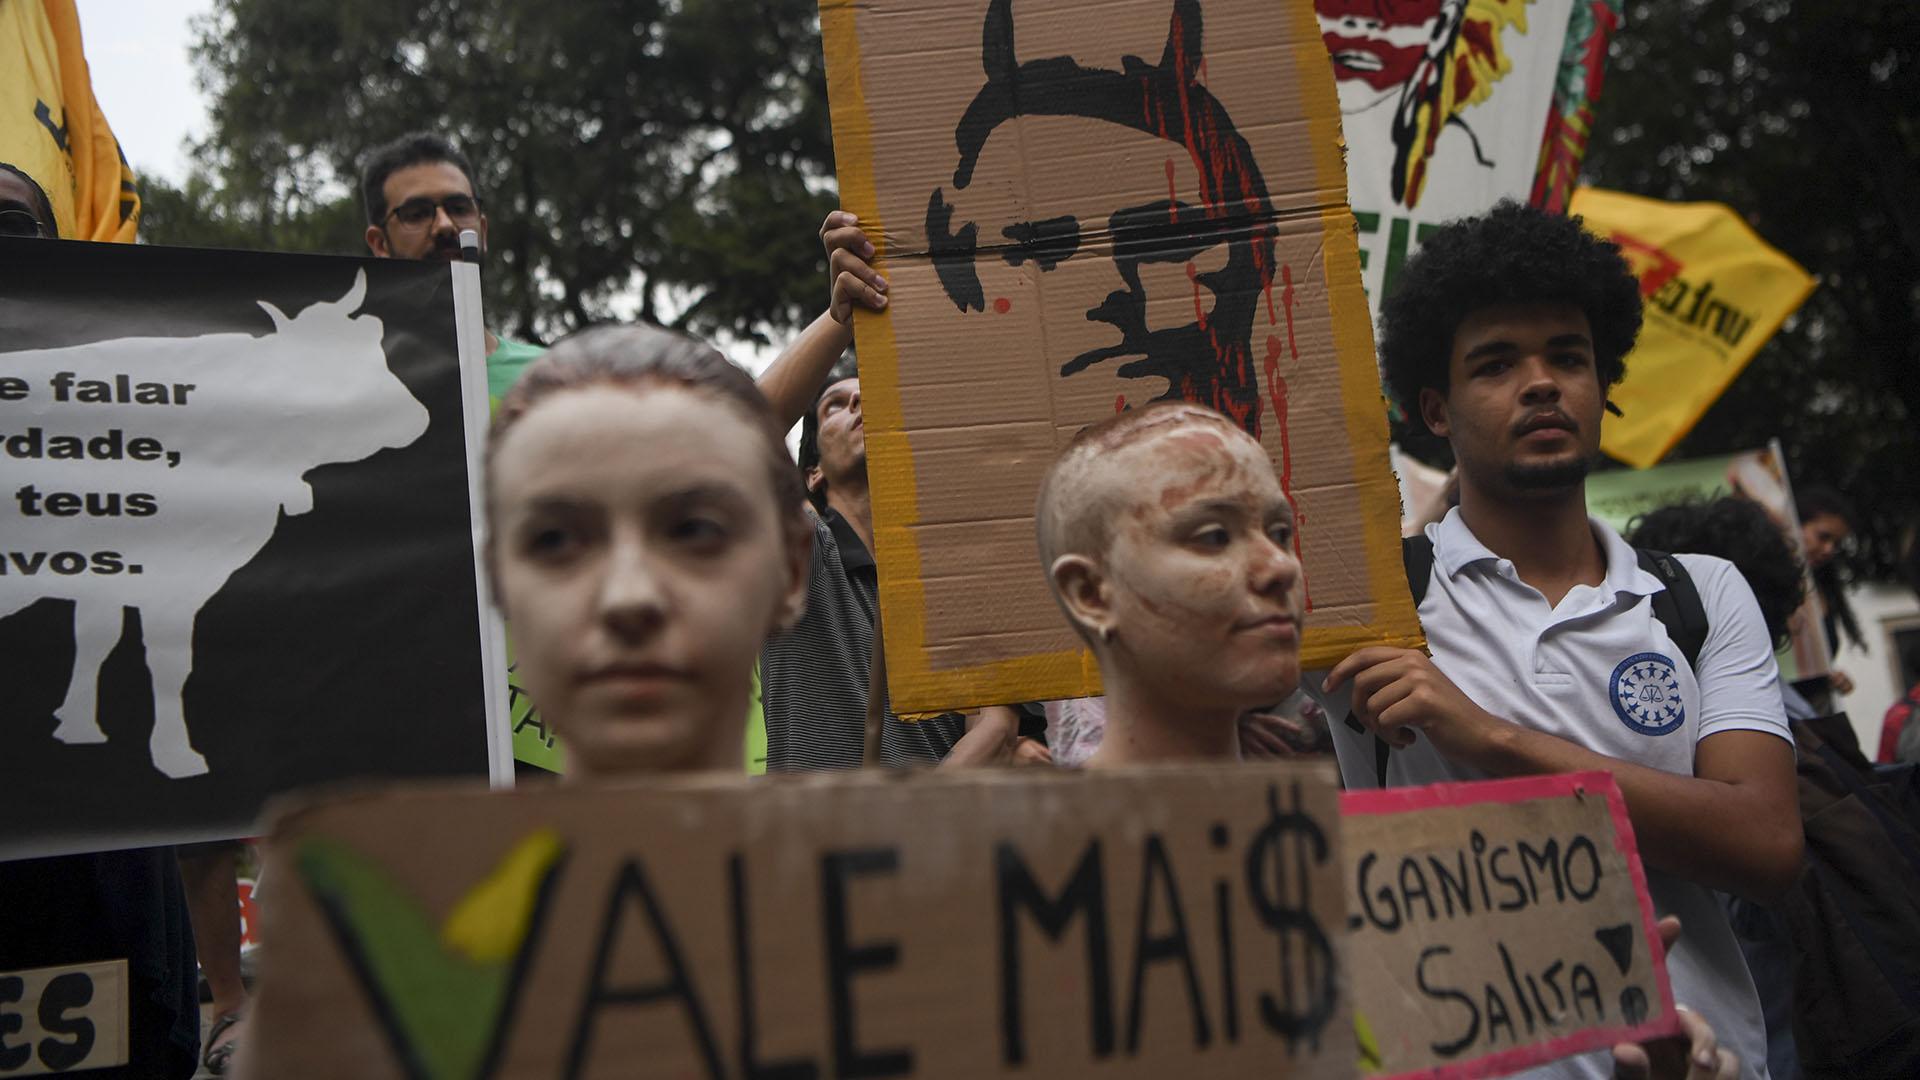 La marcha en Río de Janeiro, Brasil, incluyó pancartas contra el gobierno del presidente Jair Bolsonaro (AFP)